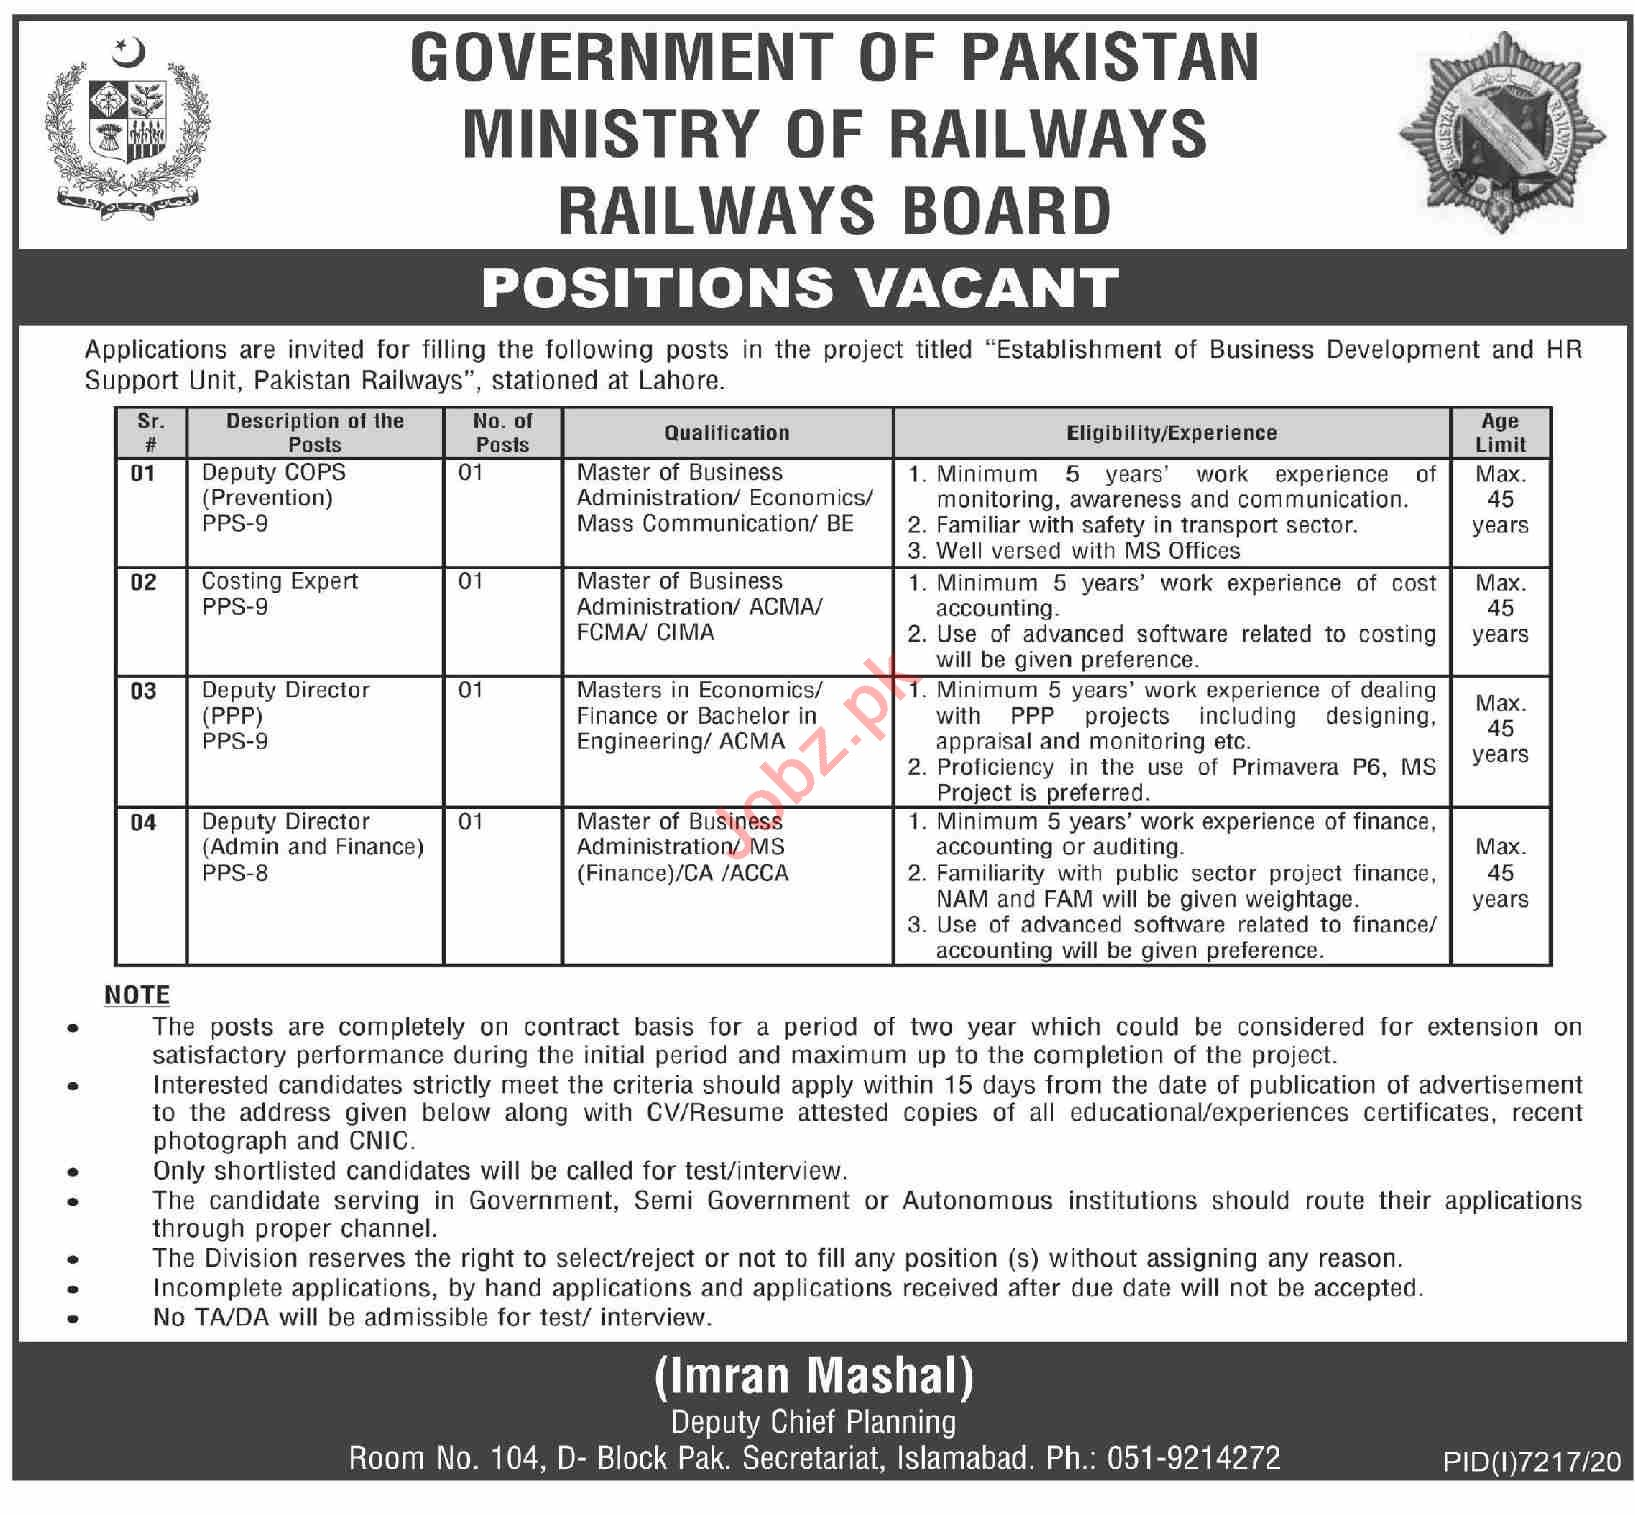 Railways Board Ministry of Railways Islamabad Jobs 2021